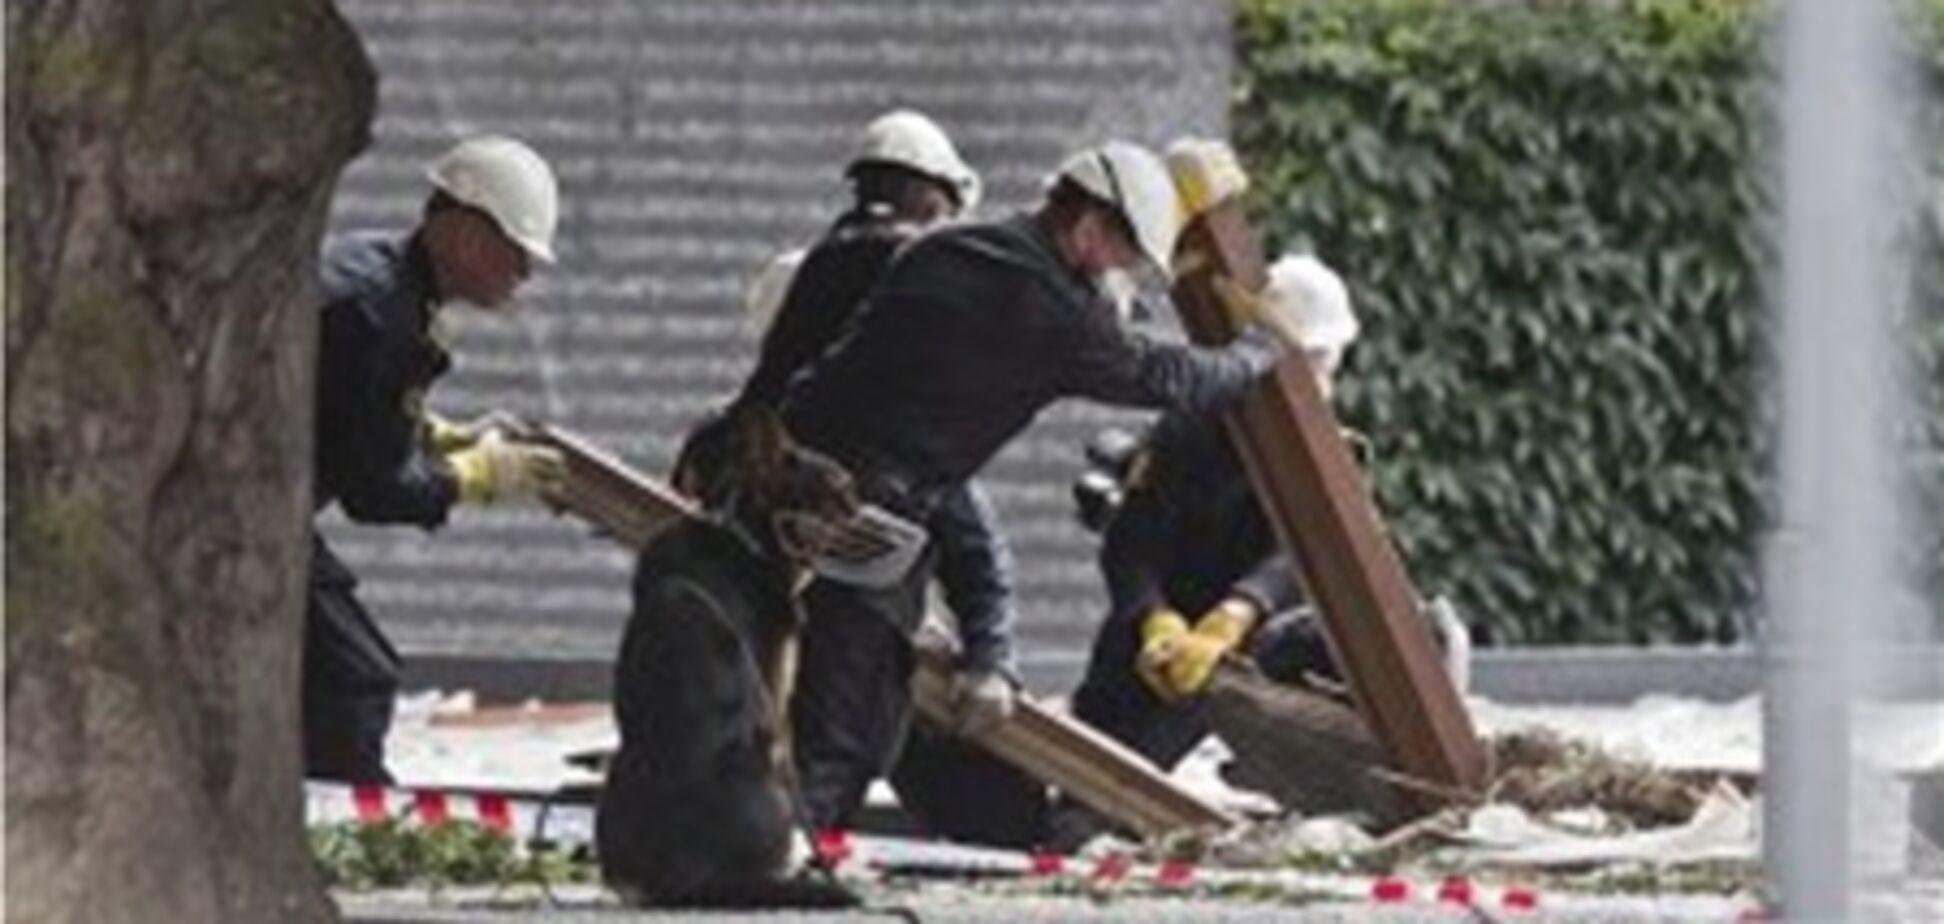 Опубликован первый список погибших при терактах в Норвегии